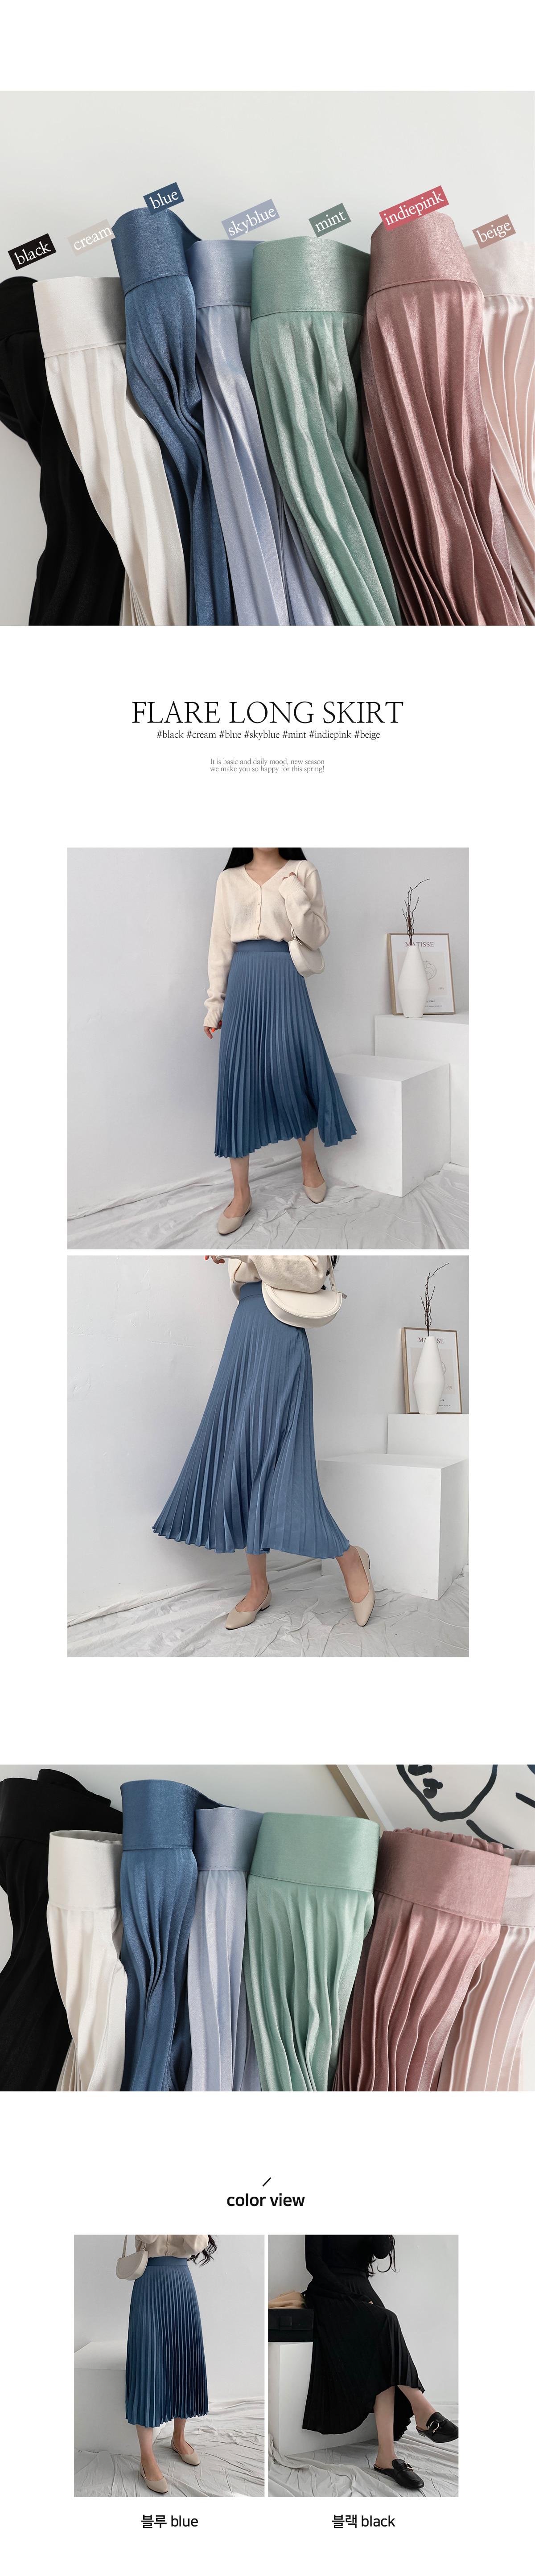 Satin wrinkle long skirt